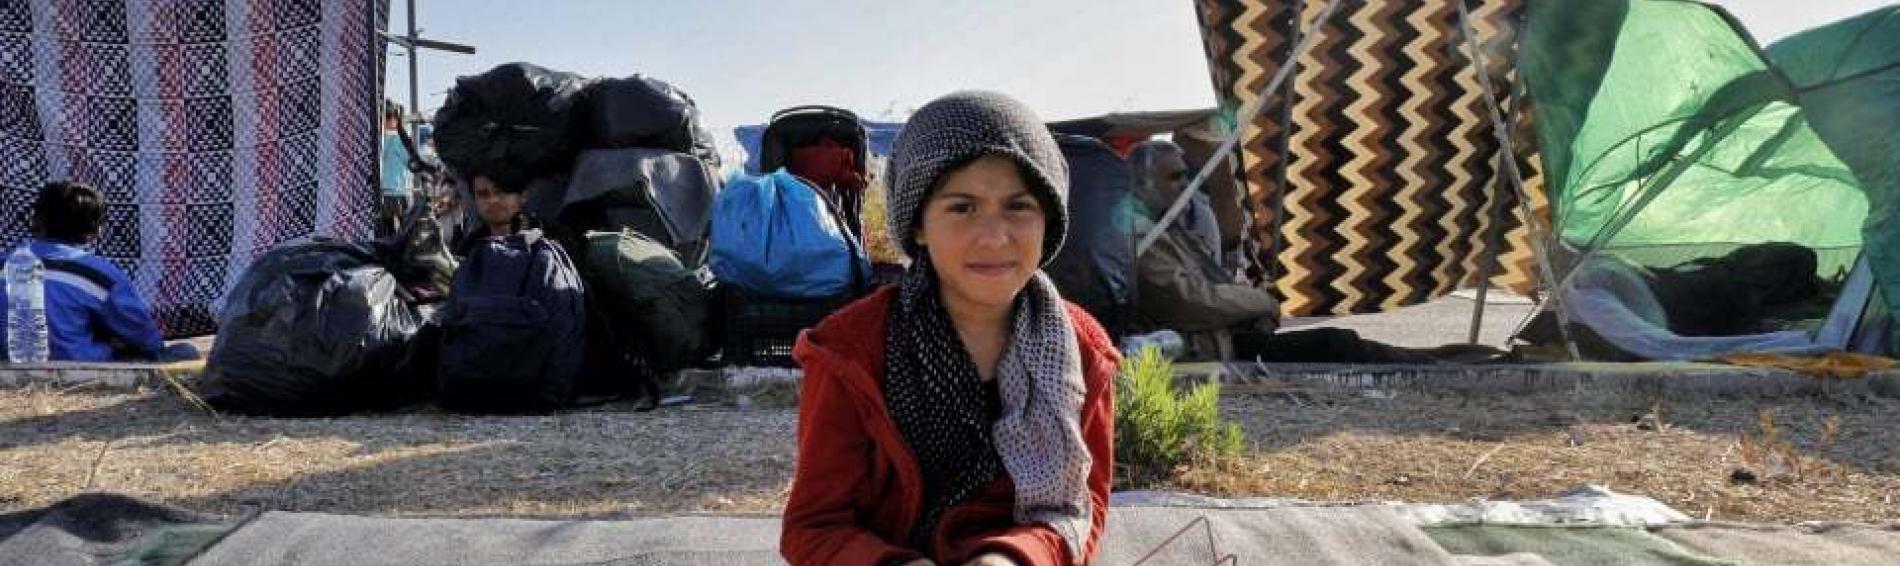 Kind im Flüchtlingscamp auf Lesbos. Foto: Yiannis Yiannakopoulos